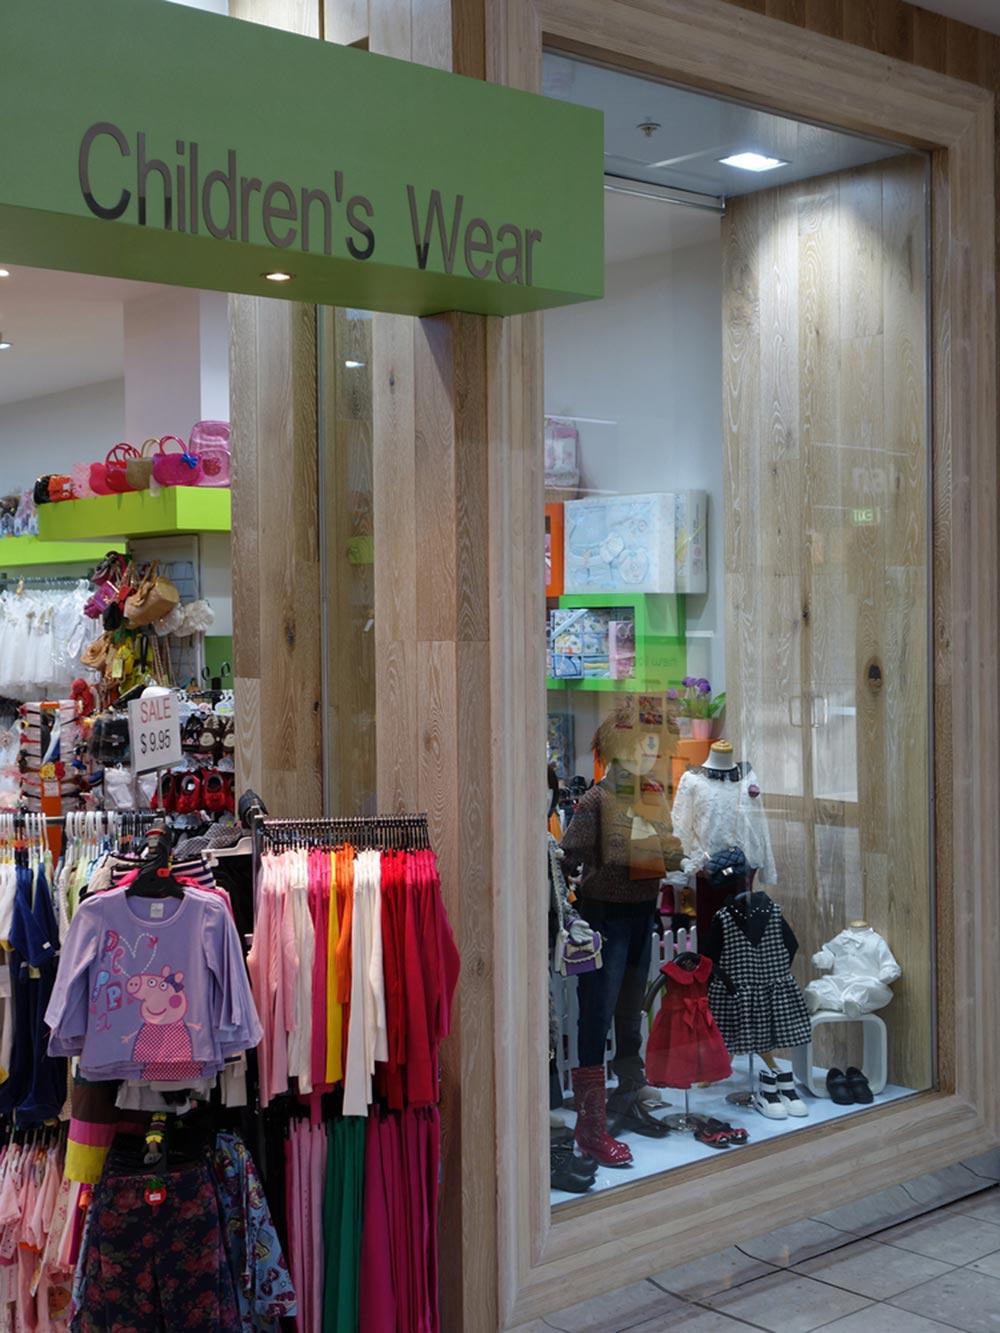 Bamboo-Watergarden-Childrens-Clothing-01.jpg